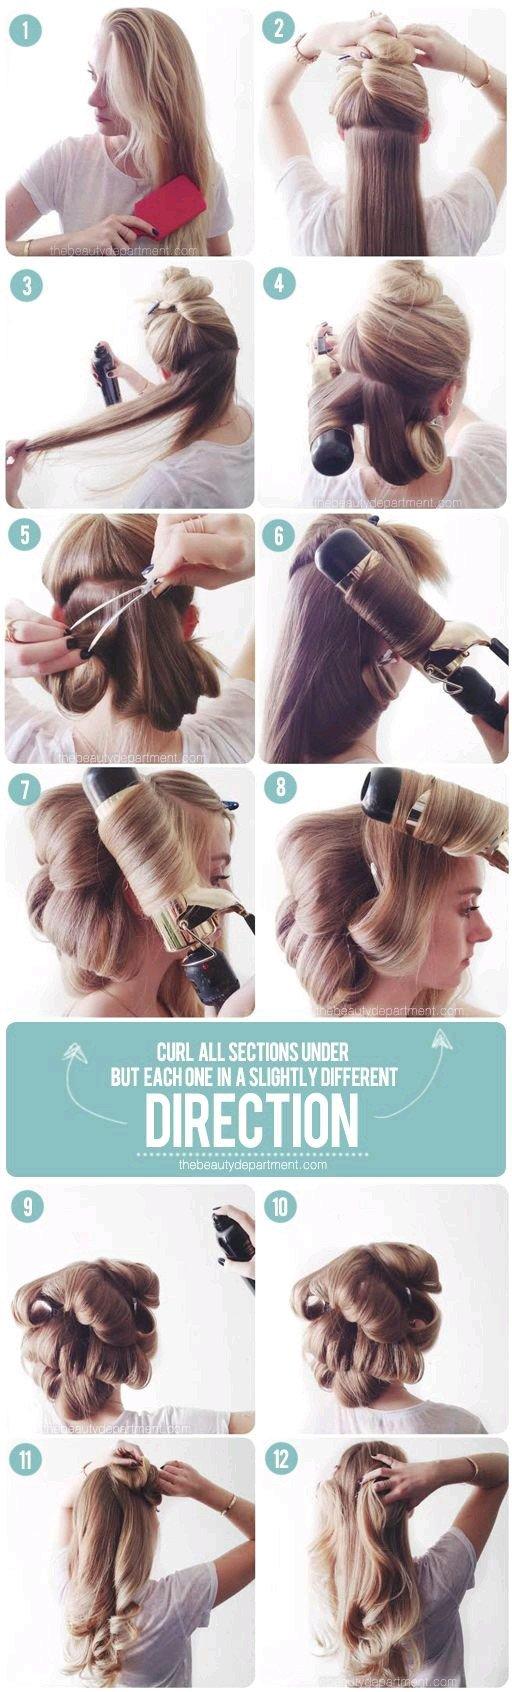 طريقة تجيد الشعر مثل المشاهير بالصور #تسريحات